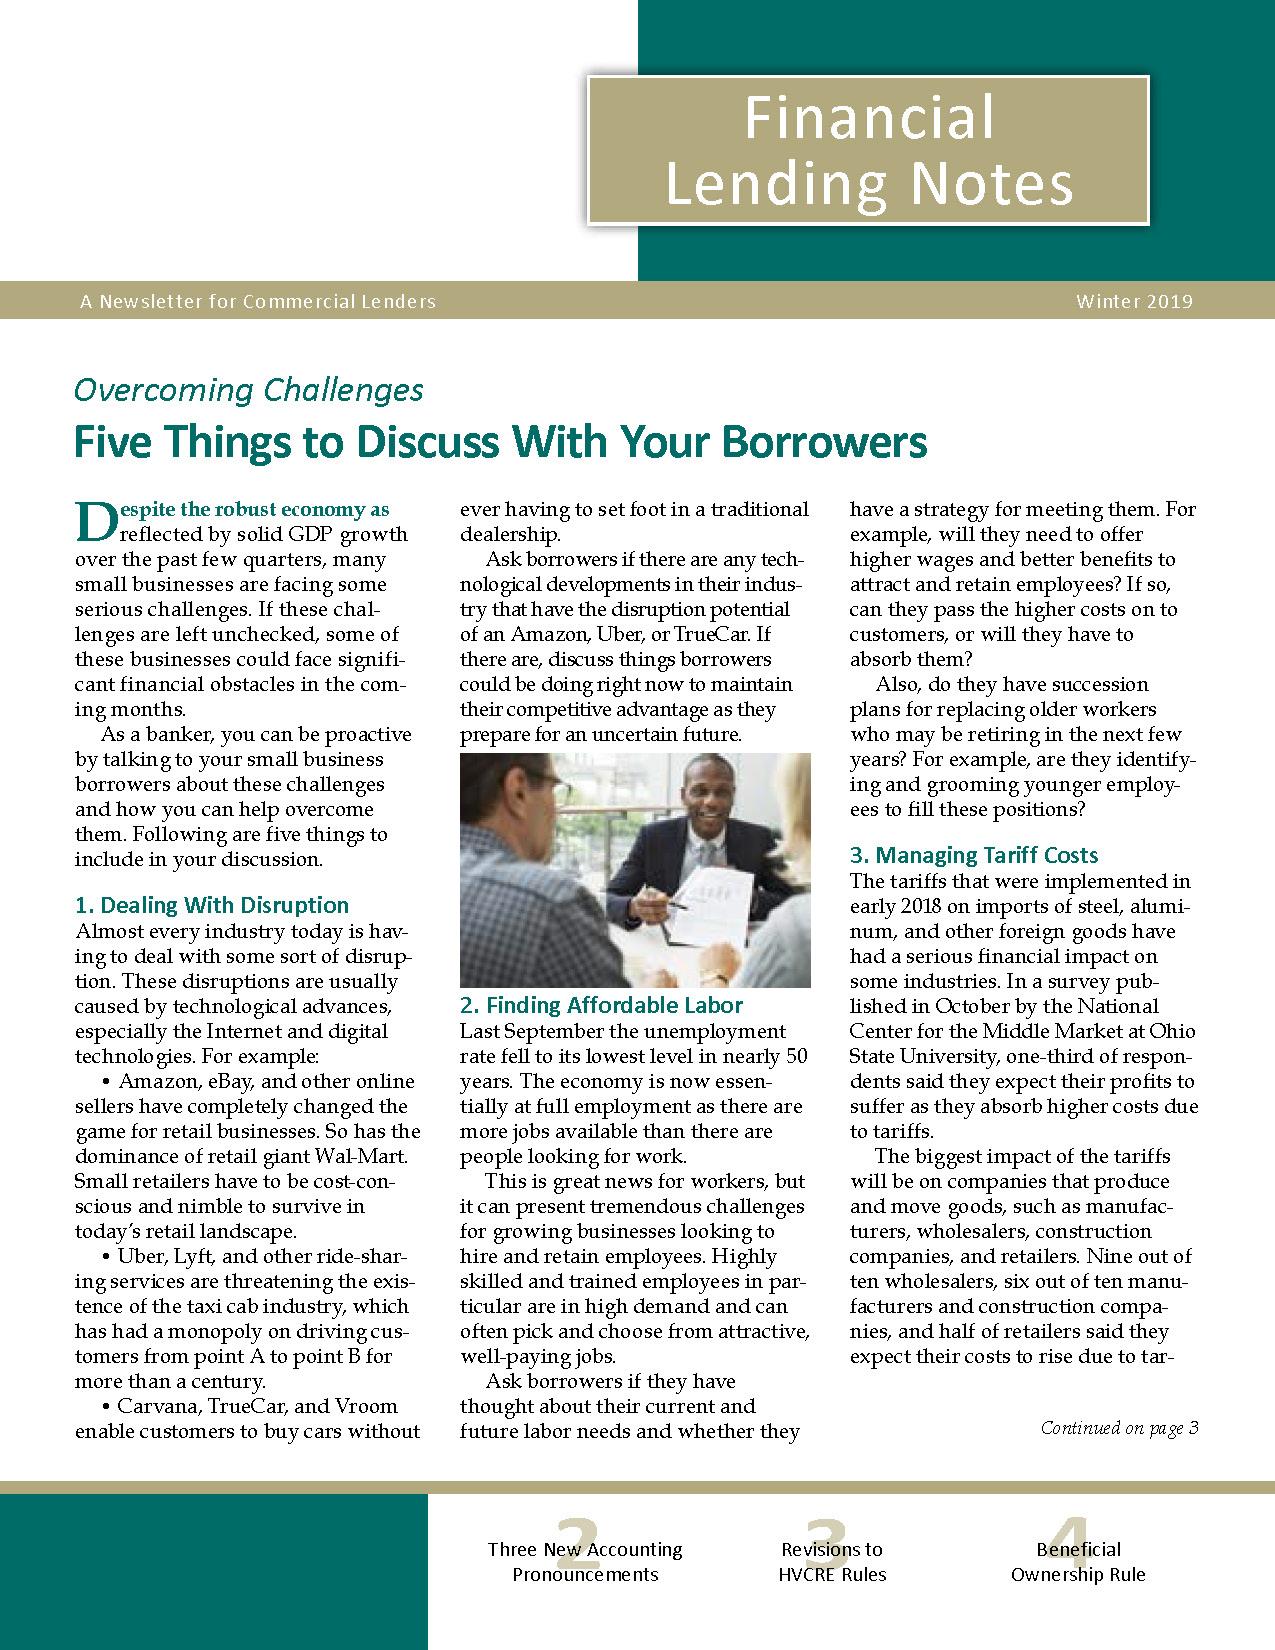 Financial Lending Notes